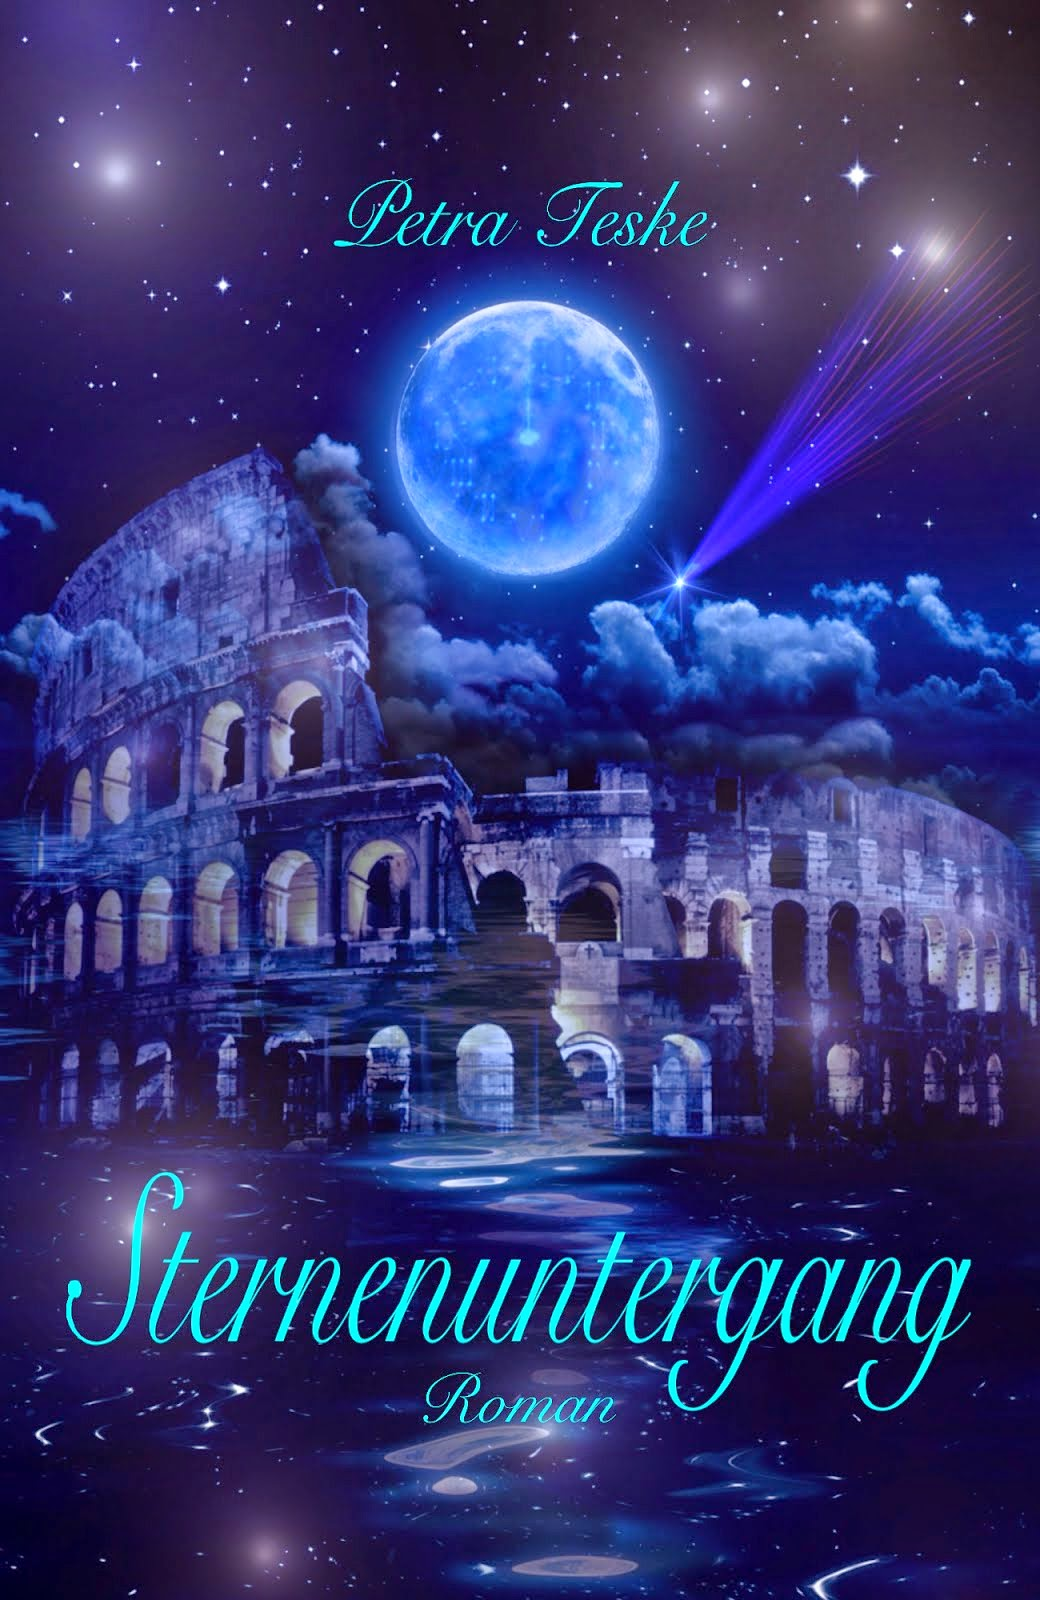 Sternenuntergang - Blut um Mitternacht Teil II -